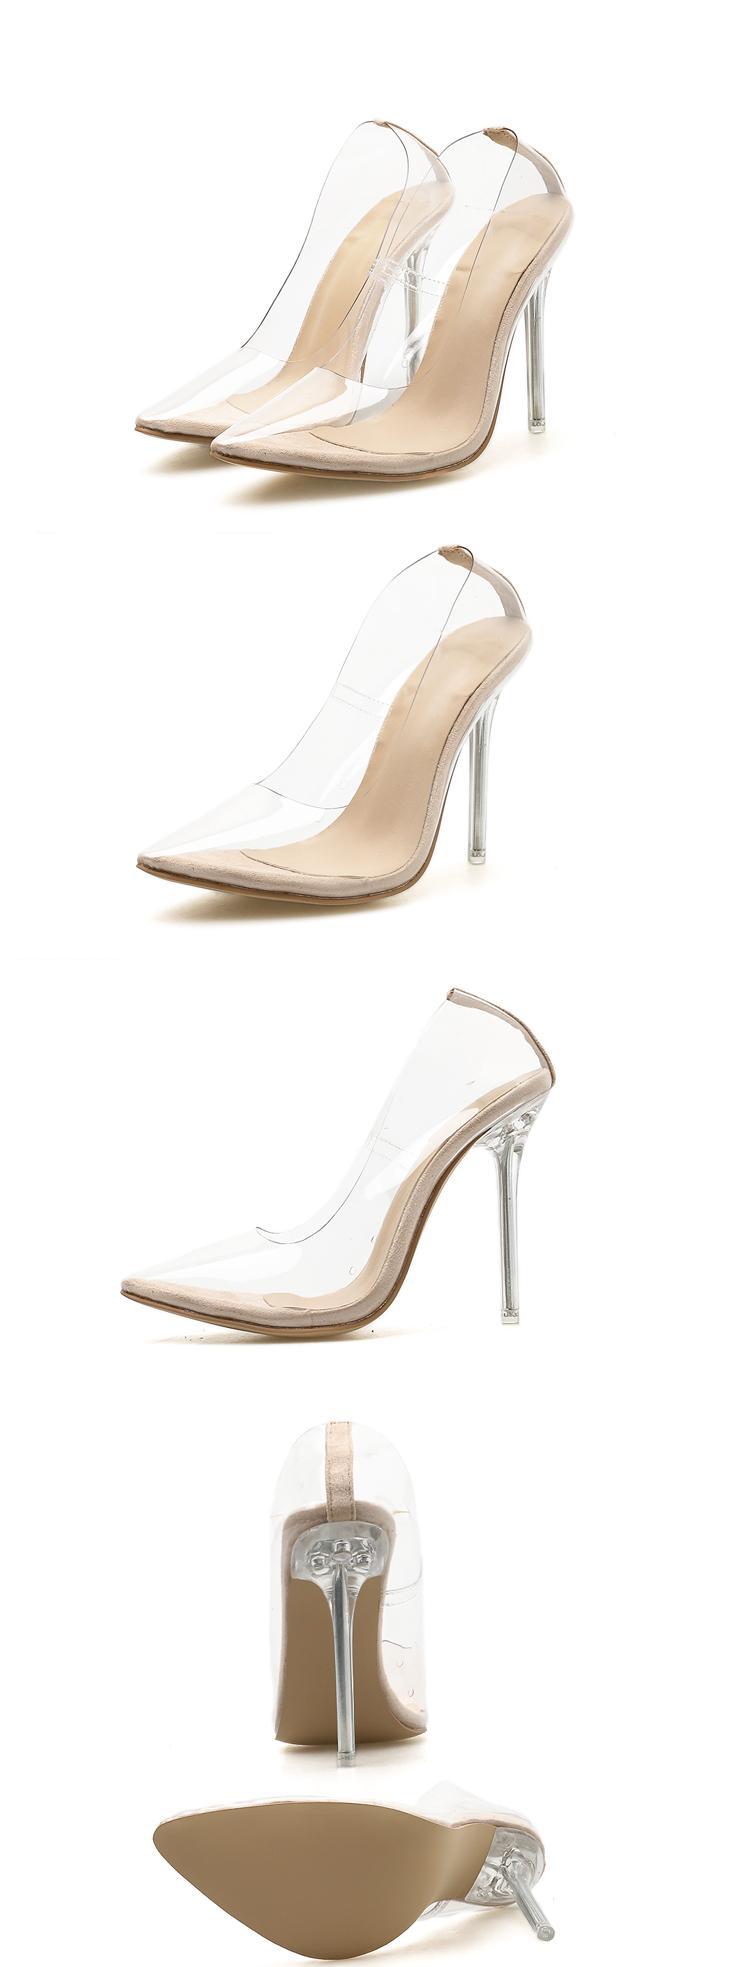 Wholesale Perspex Heels - Buy Cheap in